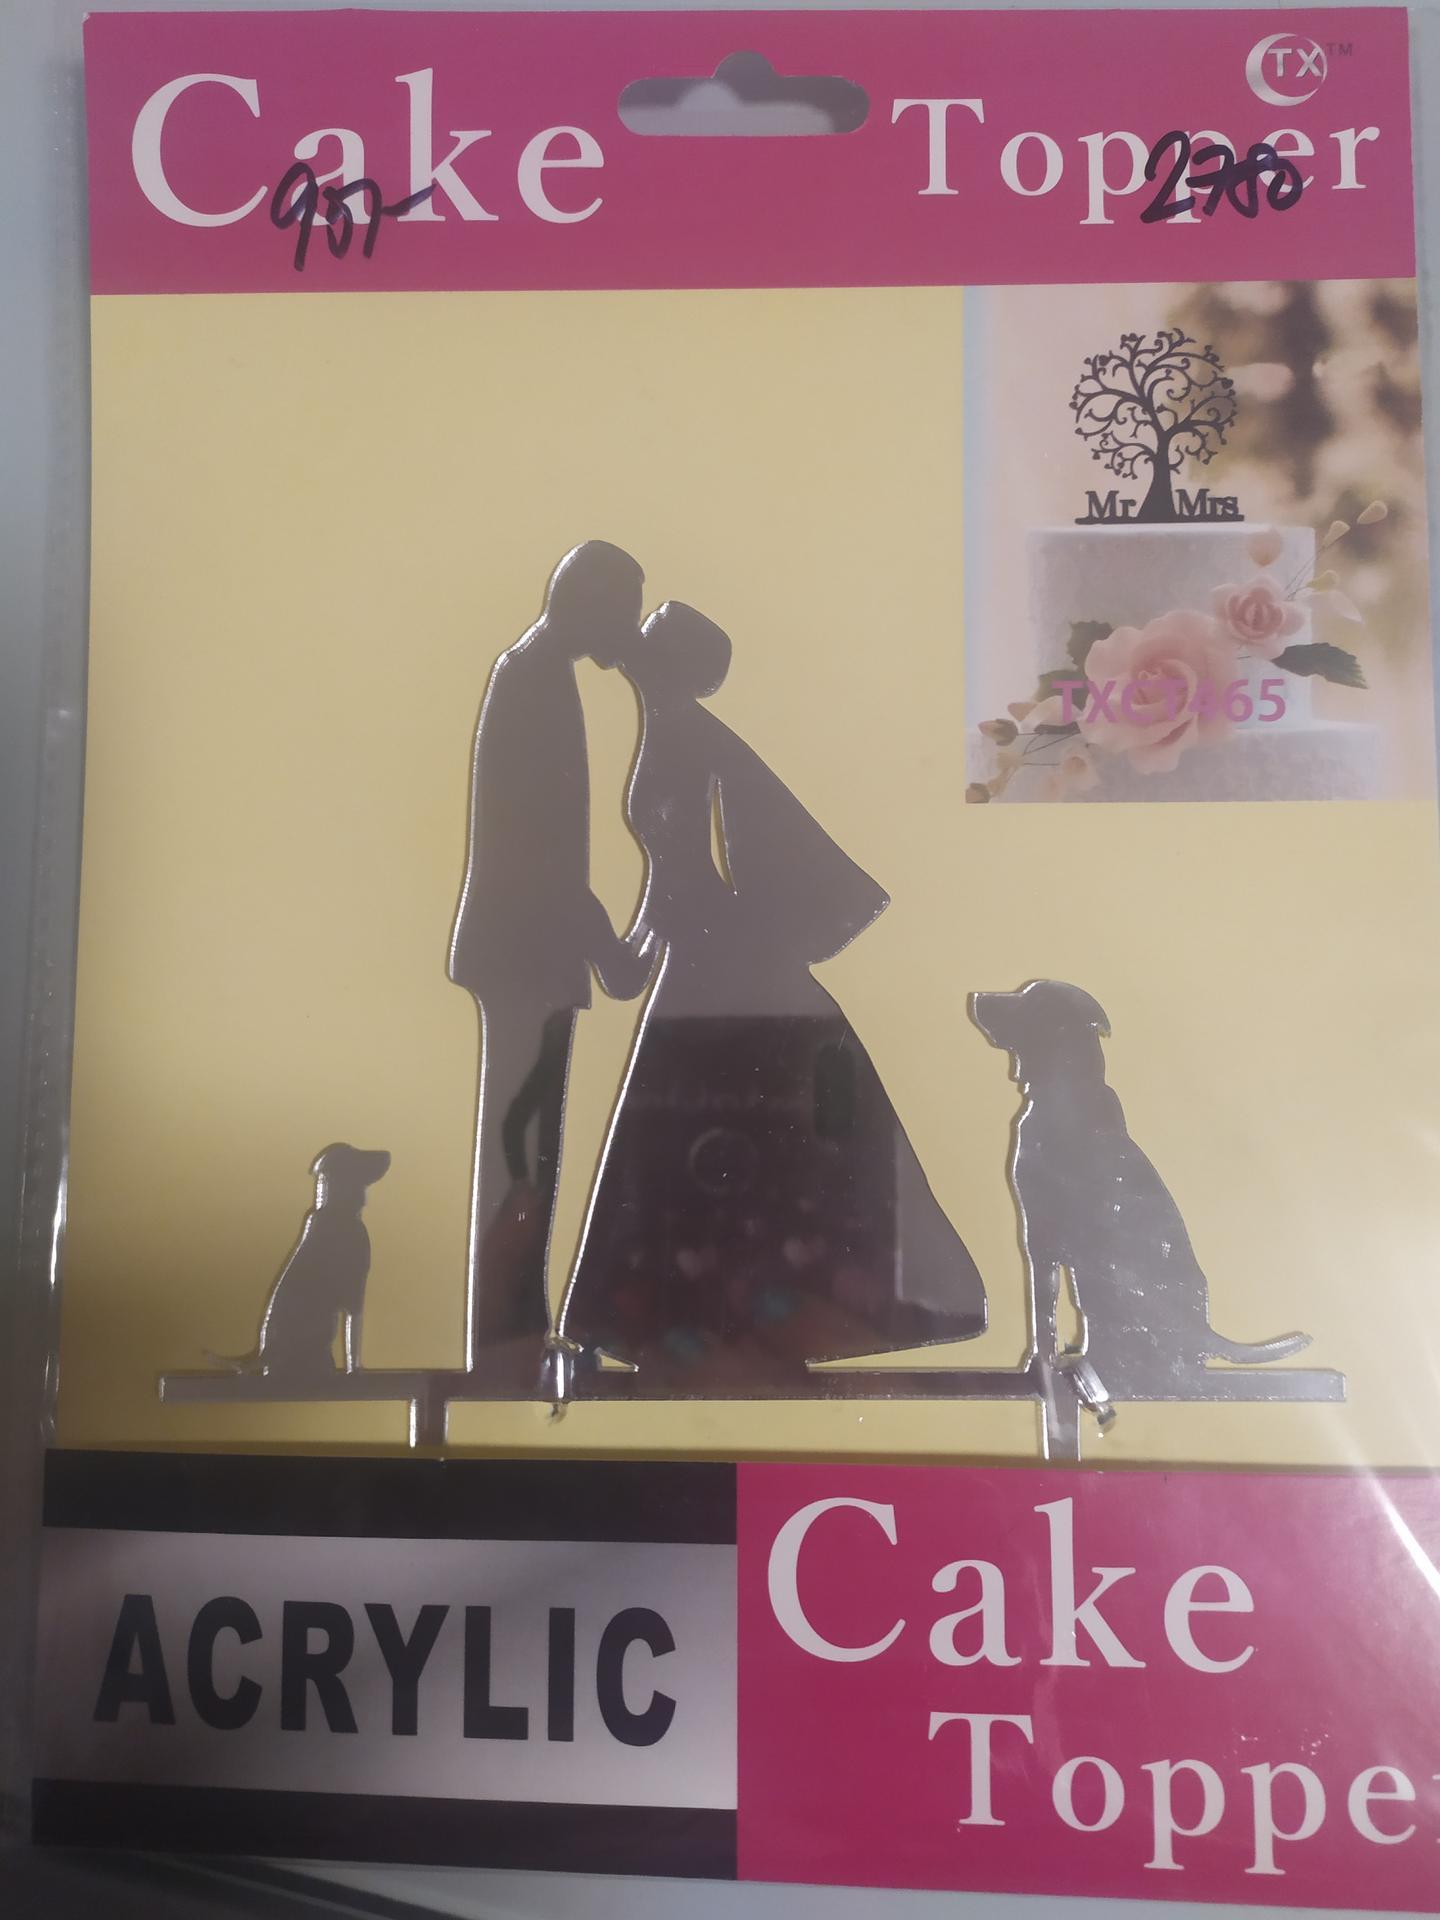 Svatební přípravy aneb co už máme. - Zápich do dortu přesně pro nás. My dva a naši 2 chlupáči, jeden velký, druhý malý ♥️